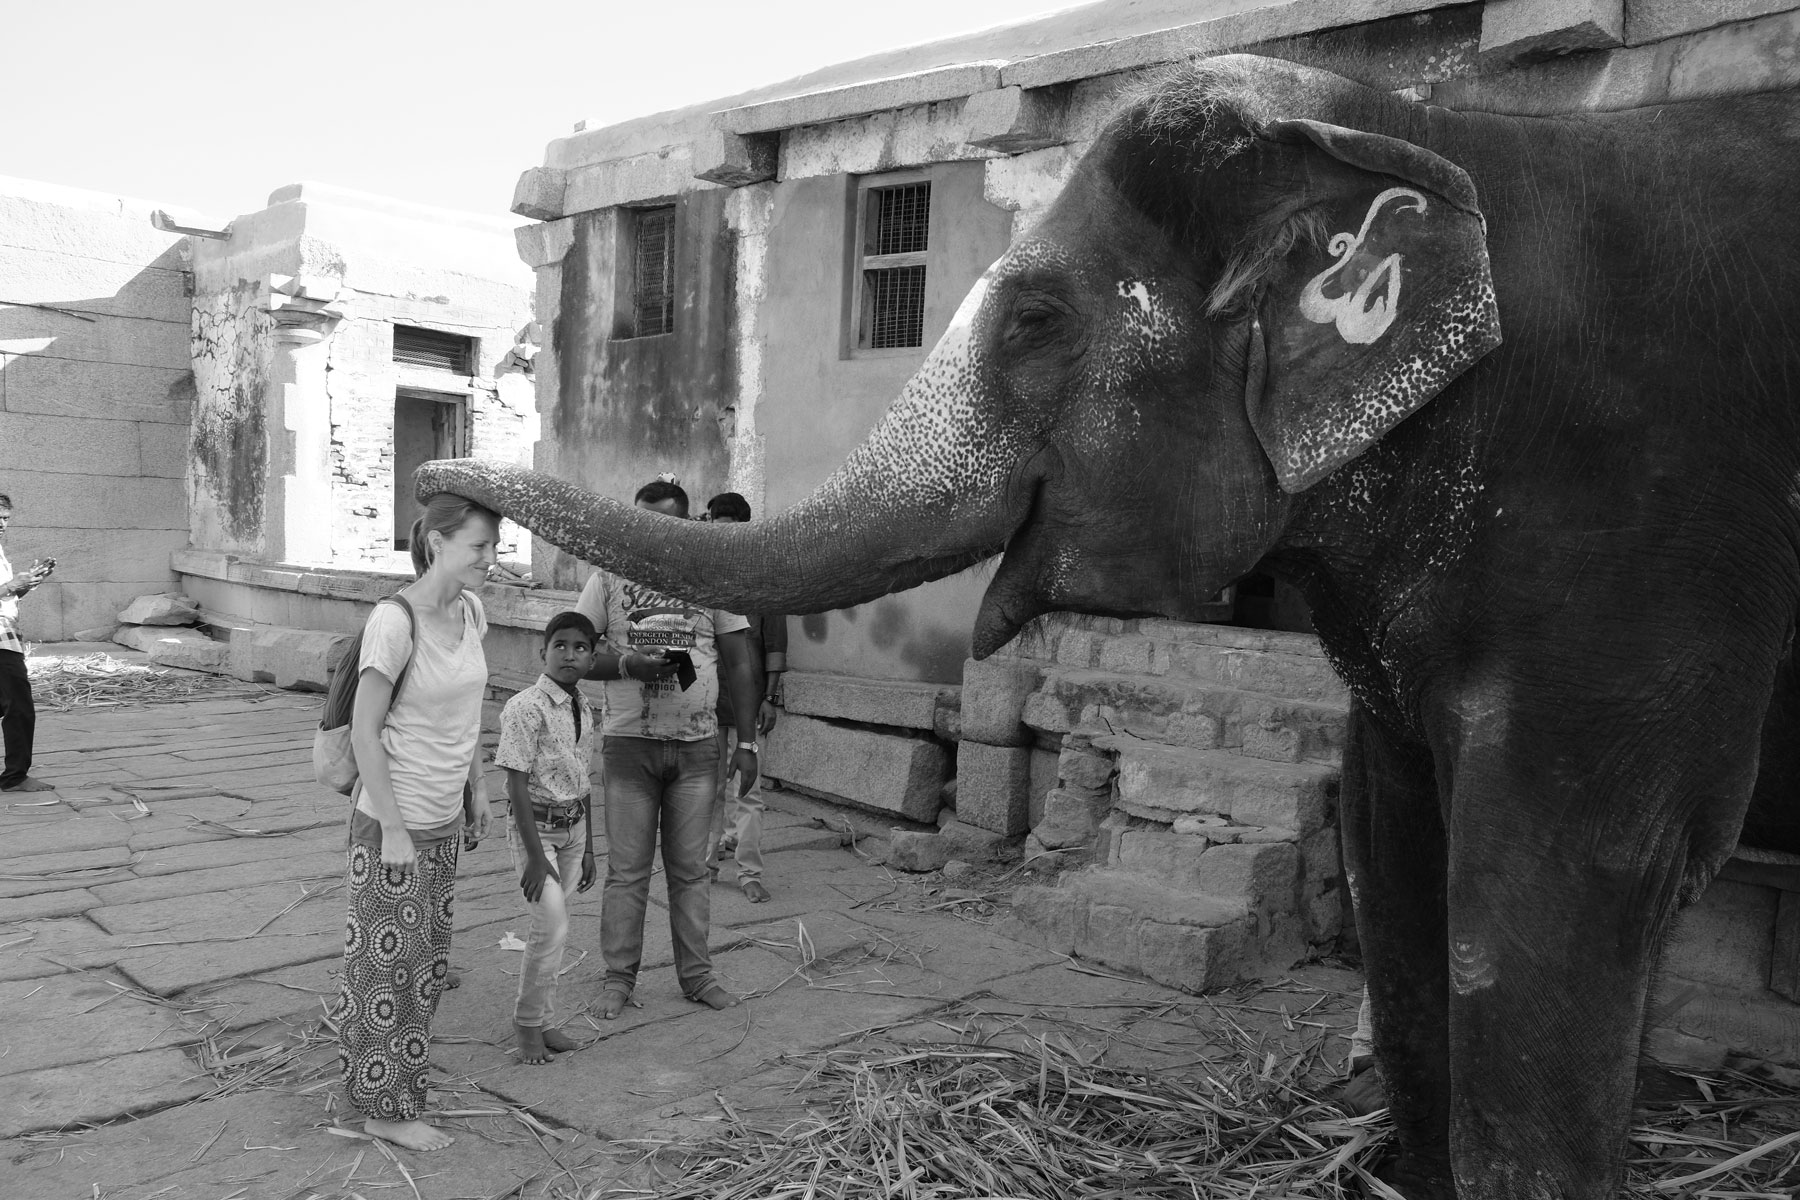 Ein Elefant legt seinen Rüssel auf Leos Kopf.